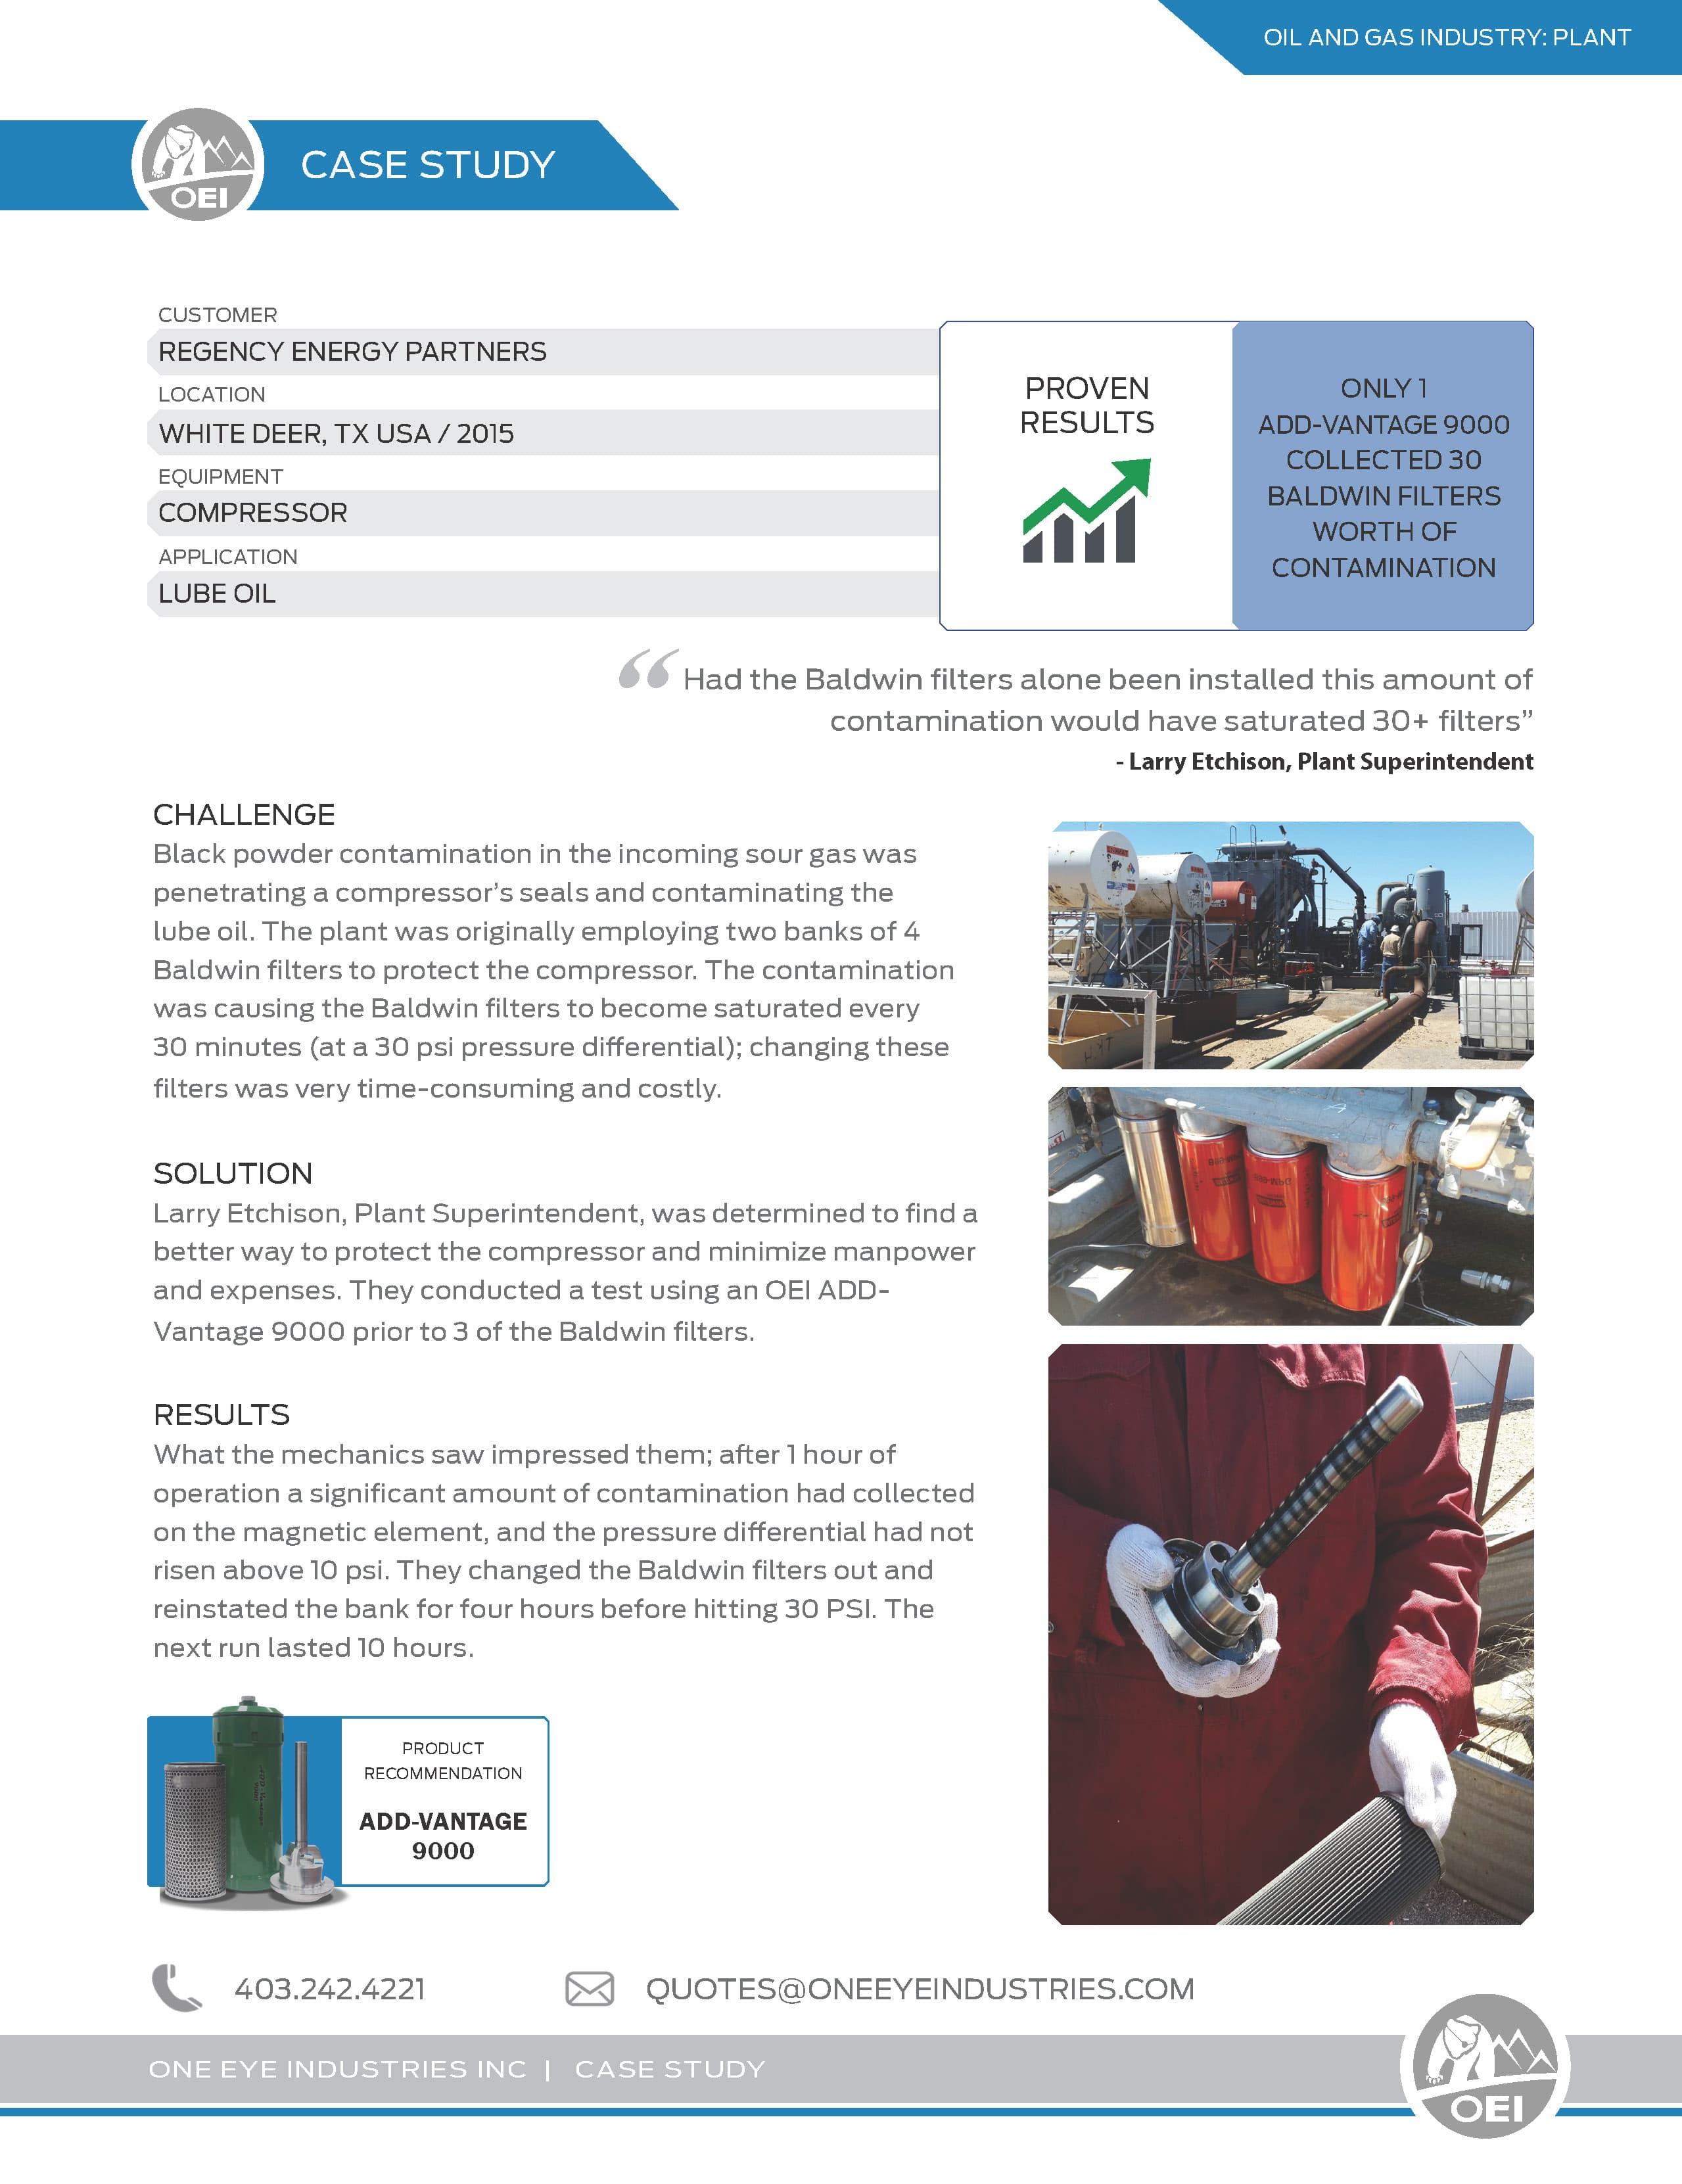 OG Plant_Regency Energy Partners Compressor Lube Oil